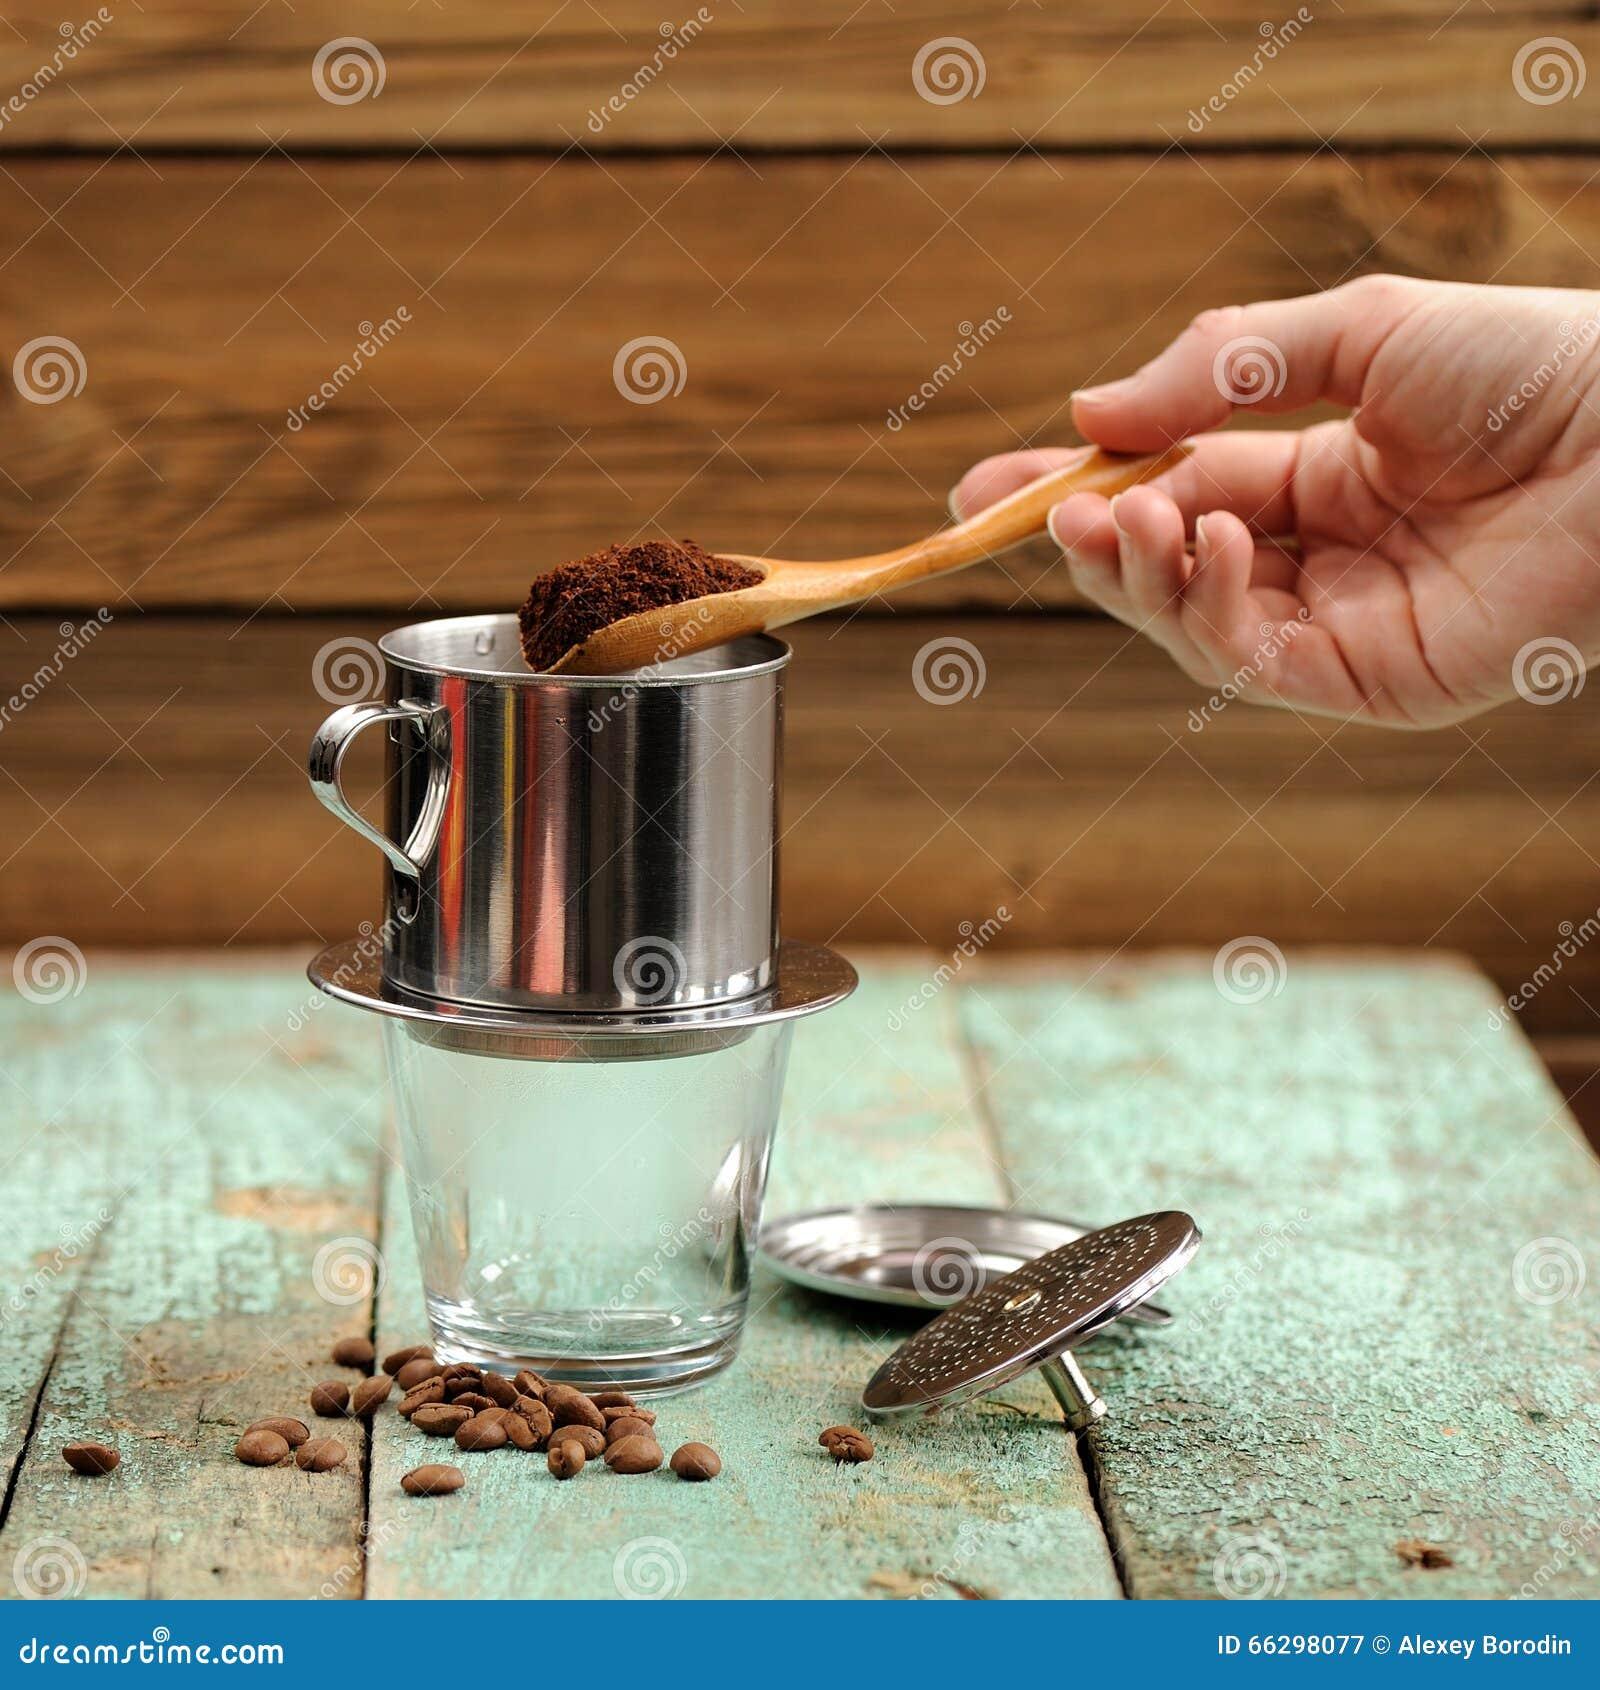 Χέρι γυναίκας που βάζει τον επίγειο καφέ στο γαλλικό φίλτρο μετάλλων σταλαγματιάς